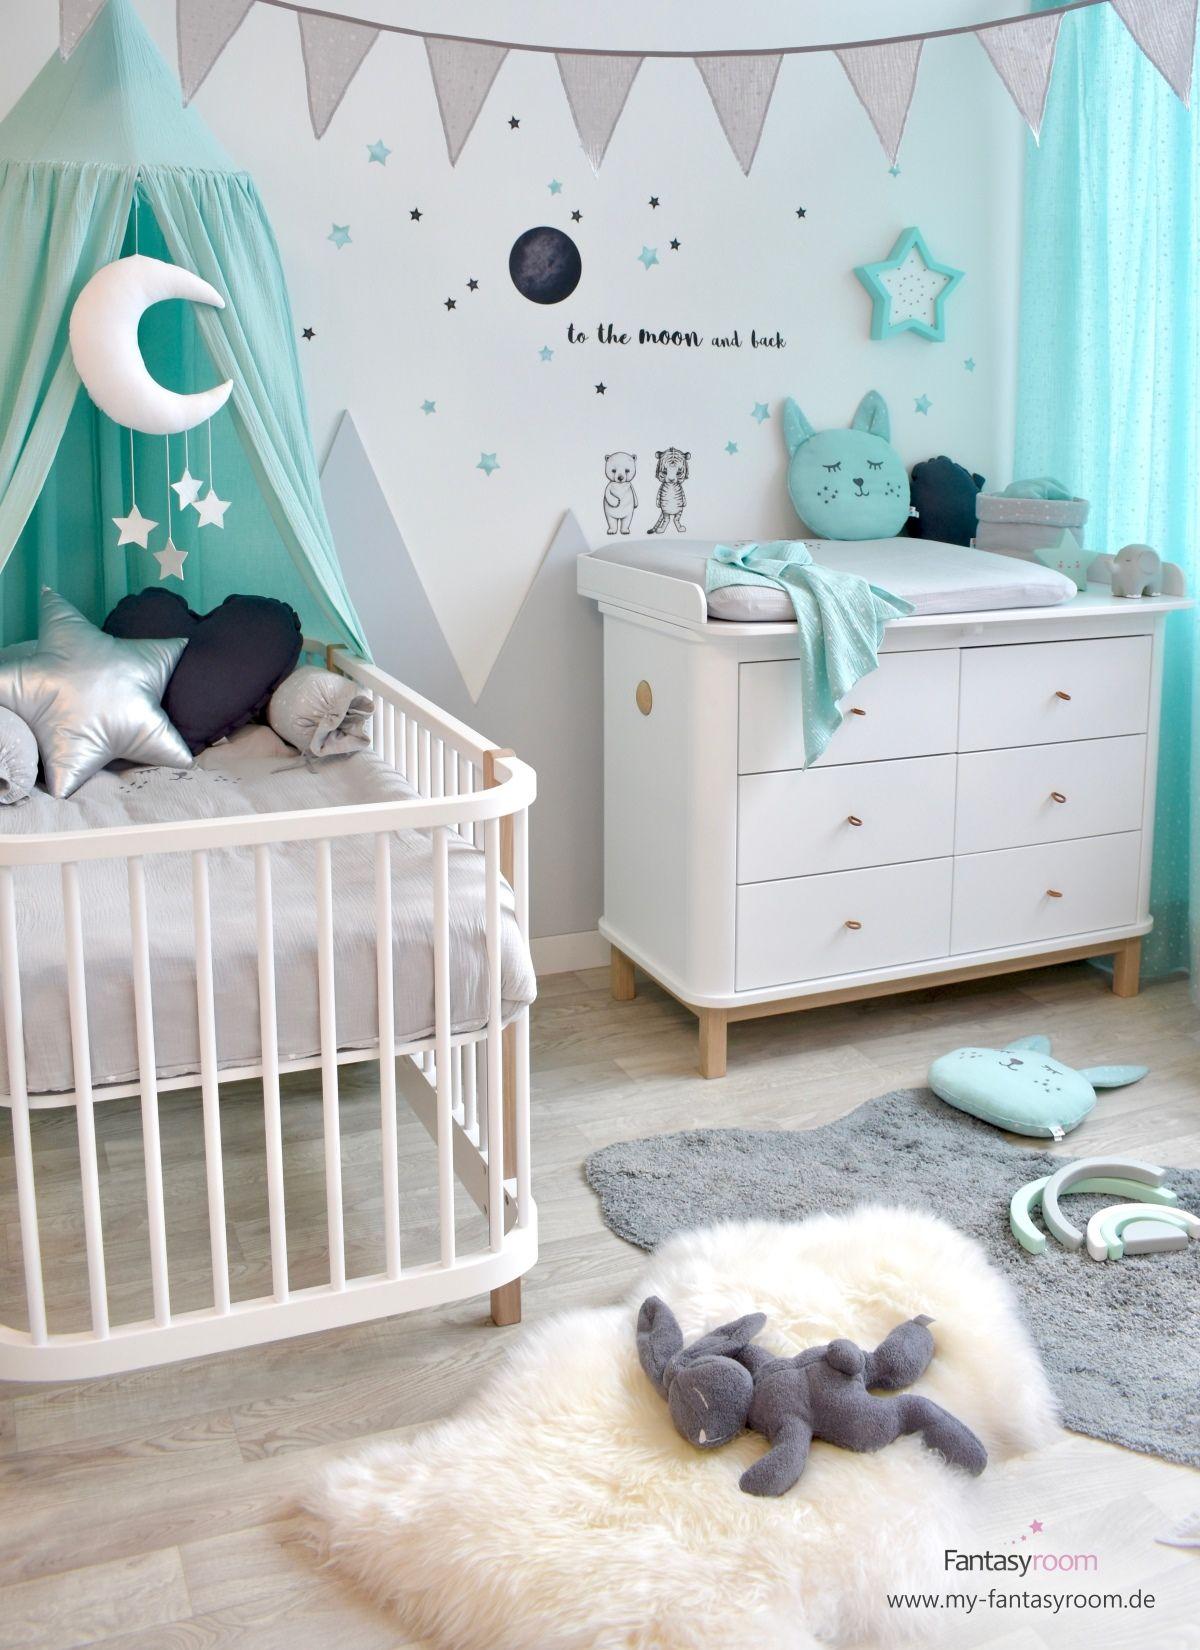 Babyzimmer Mit Bergen In Mint Grau Bei Fantasyroom Online Kaufen Babyzimmer Kinder Zimmer Kinderzimmer Ideen